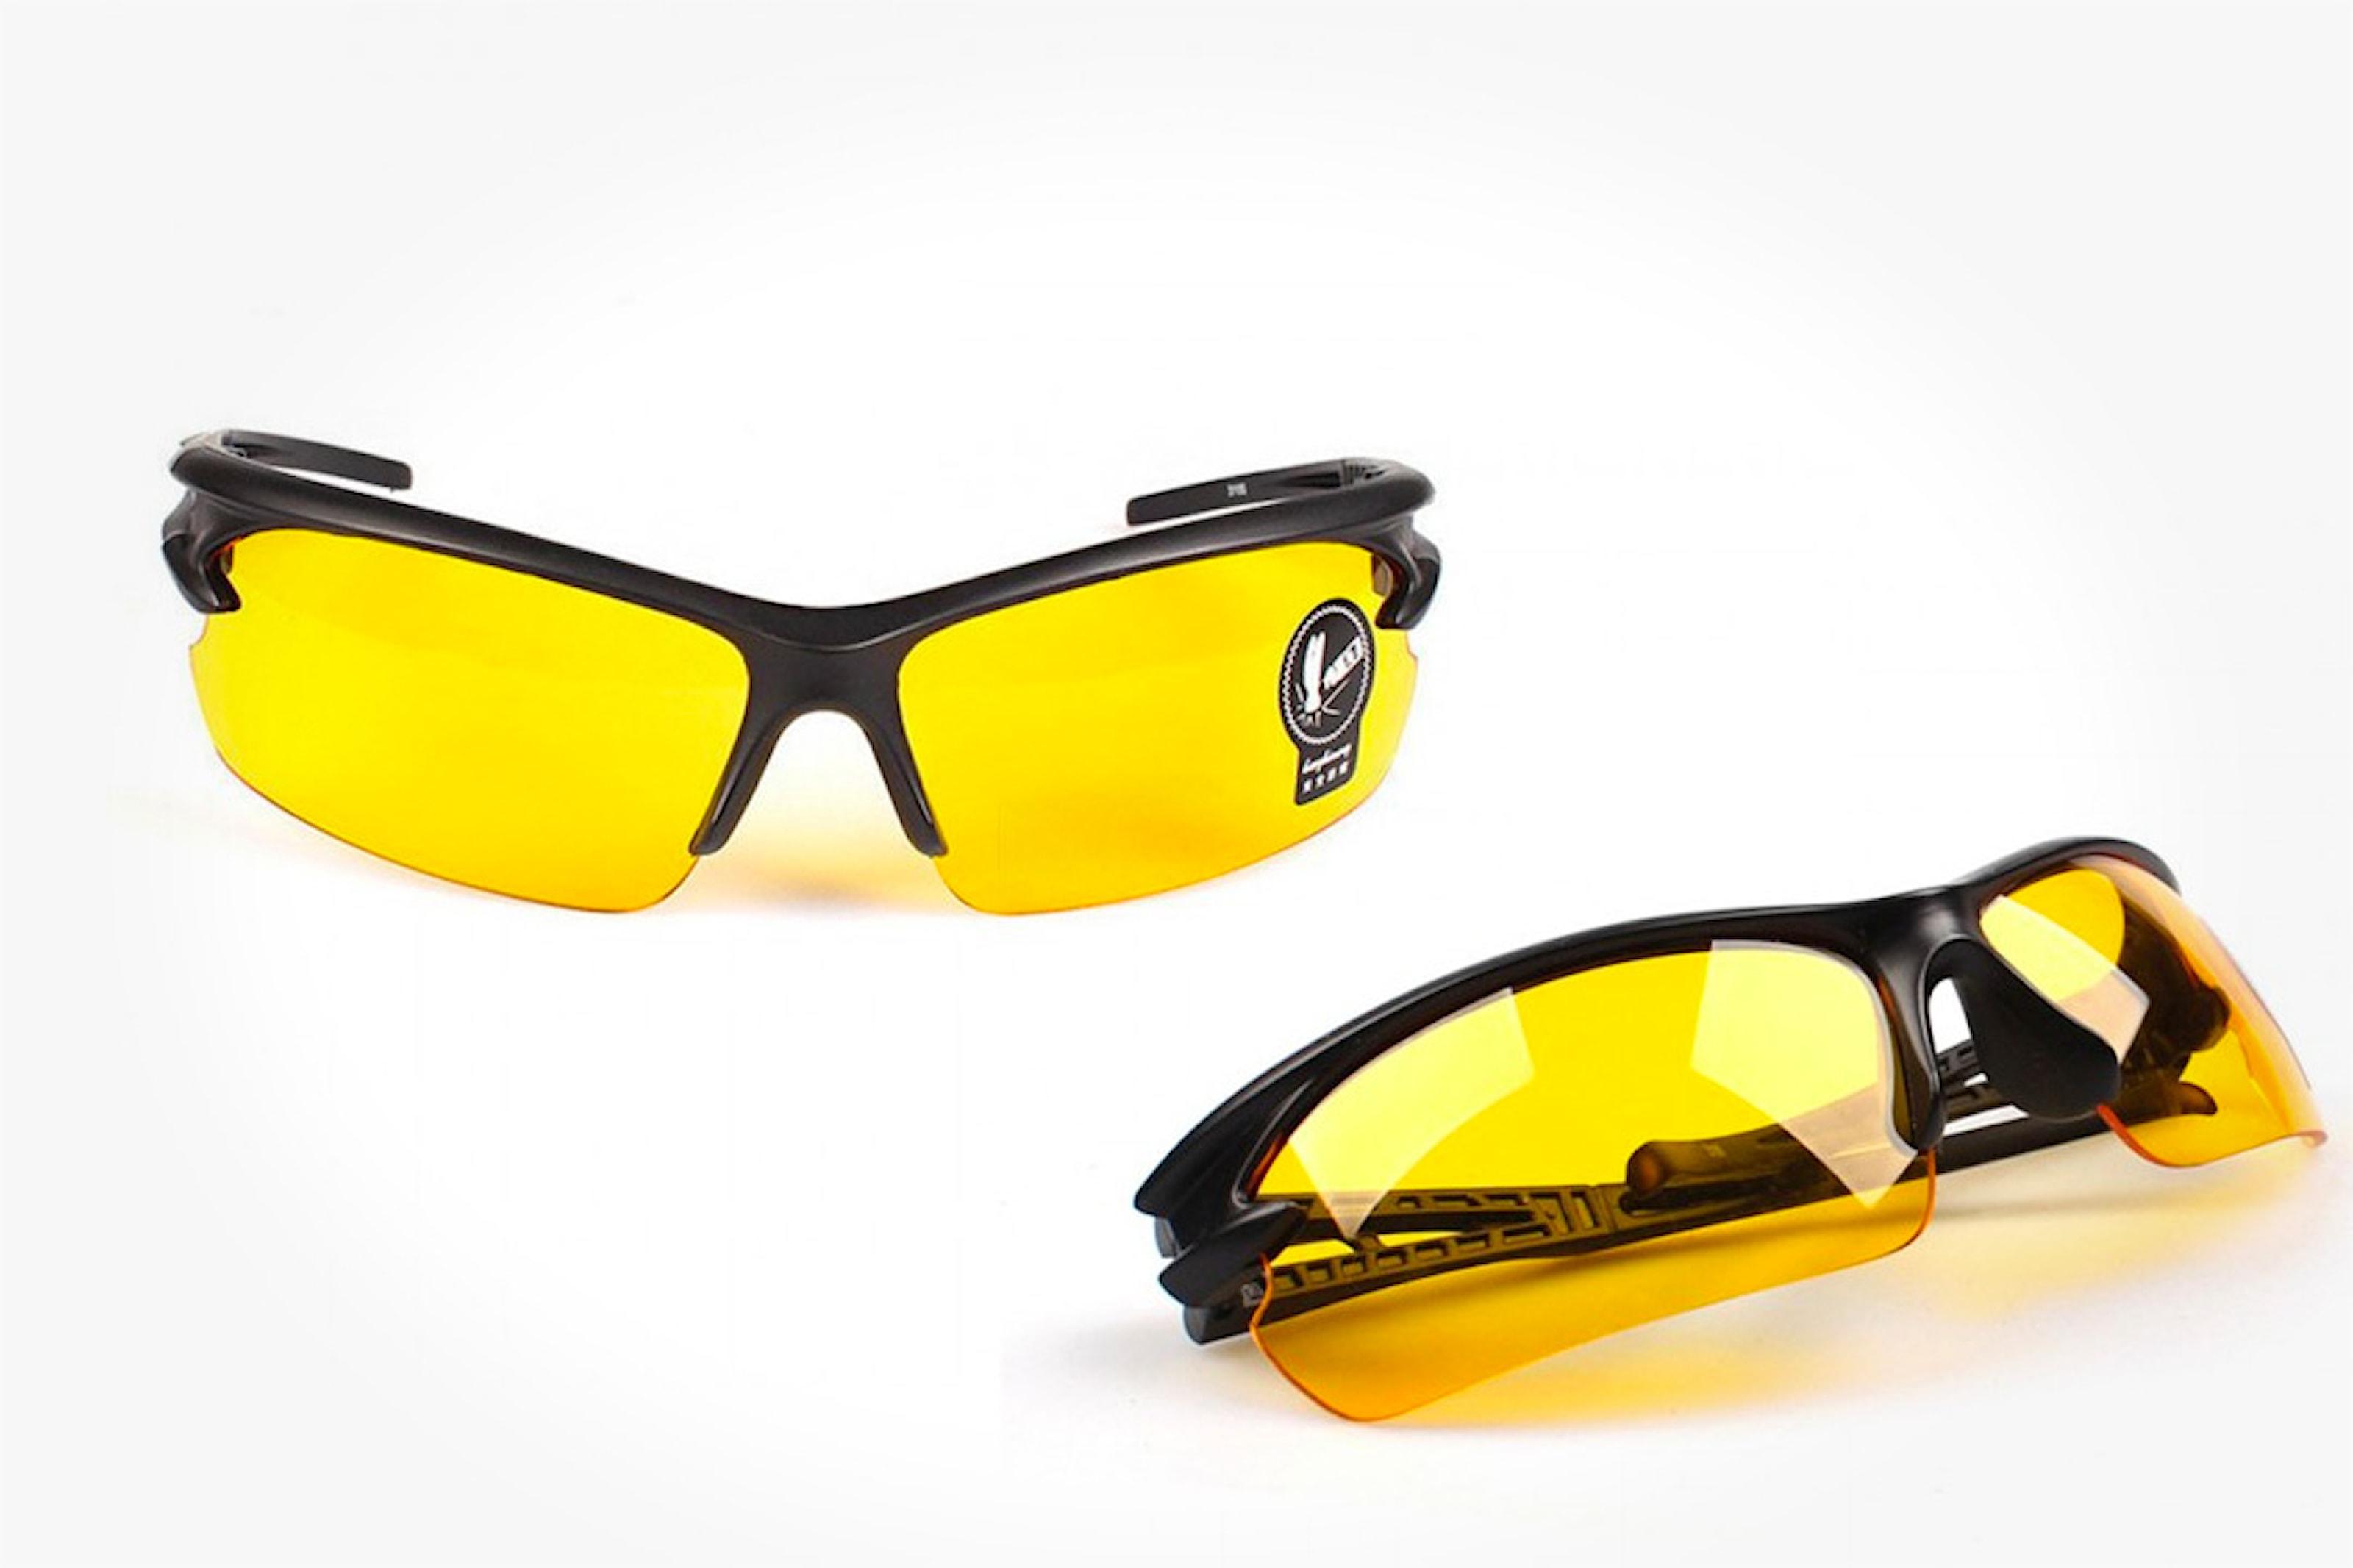 Mörkerglasögon för bilkörning